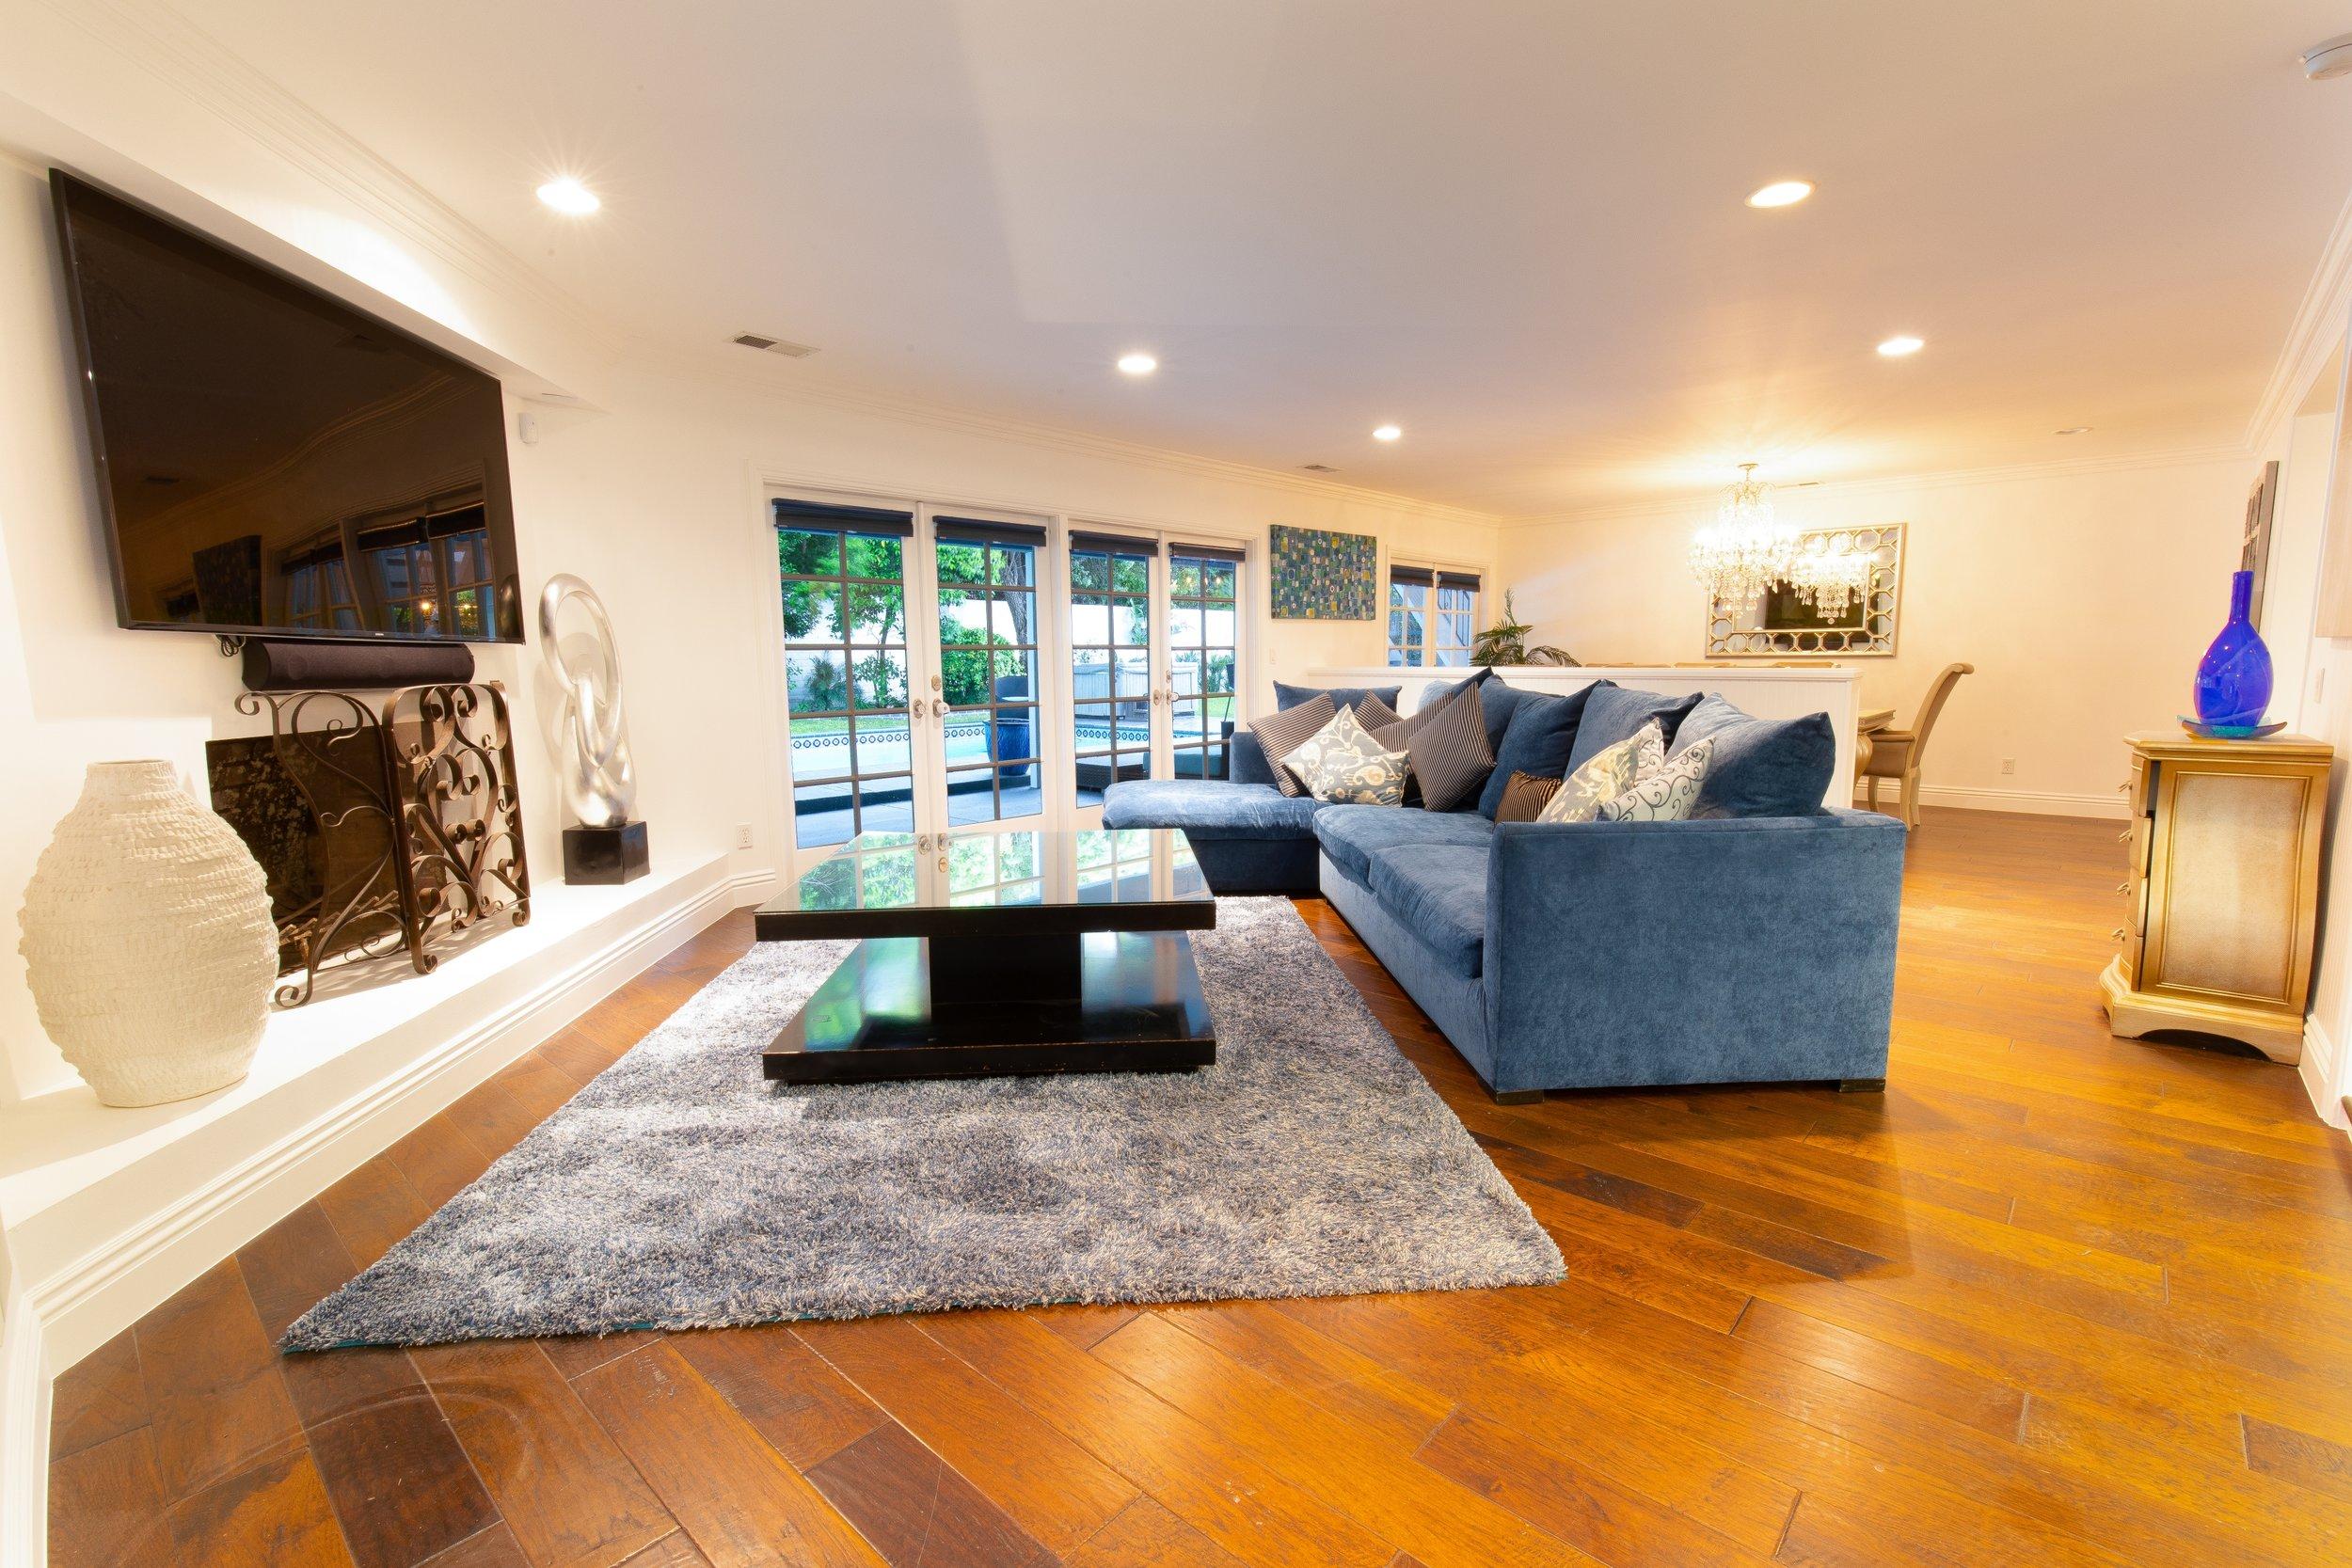 MLS The Living Room_-2.jpg